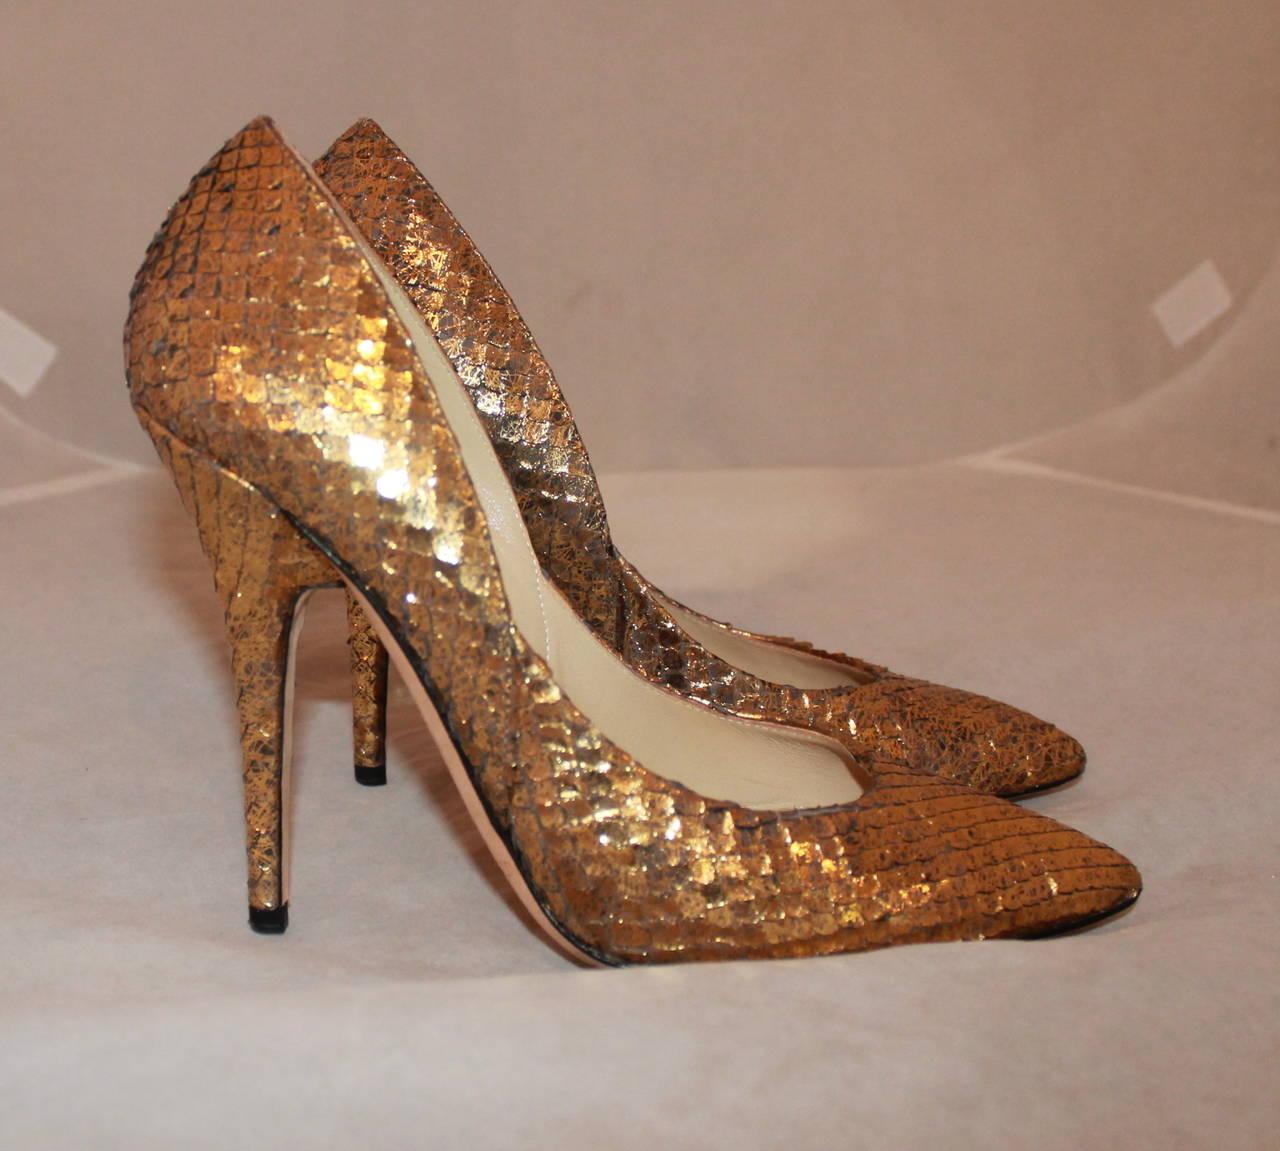 jimmy choo golden snake high heels 39 at 1stdibs. Black Bedroom Furniture Sets. Home Design Ideas